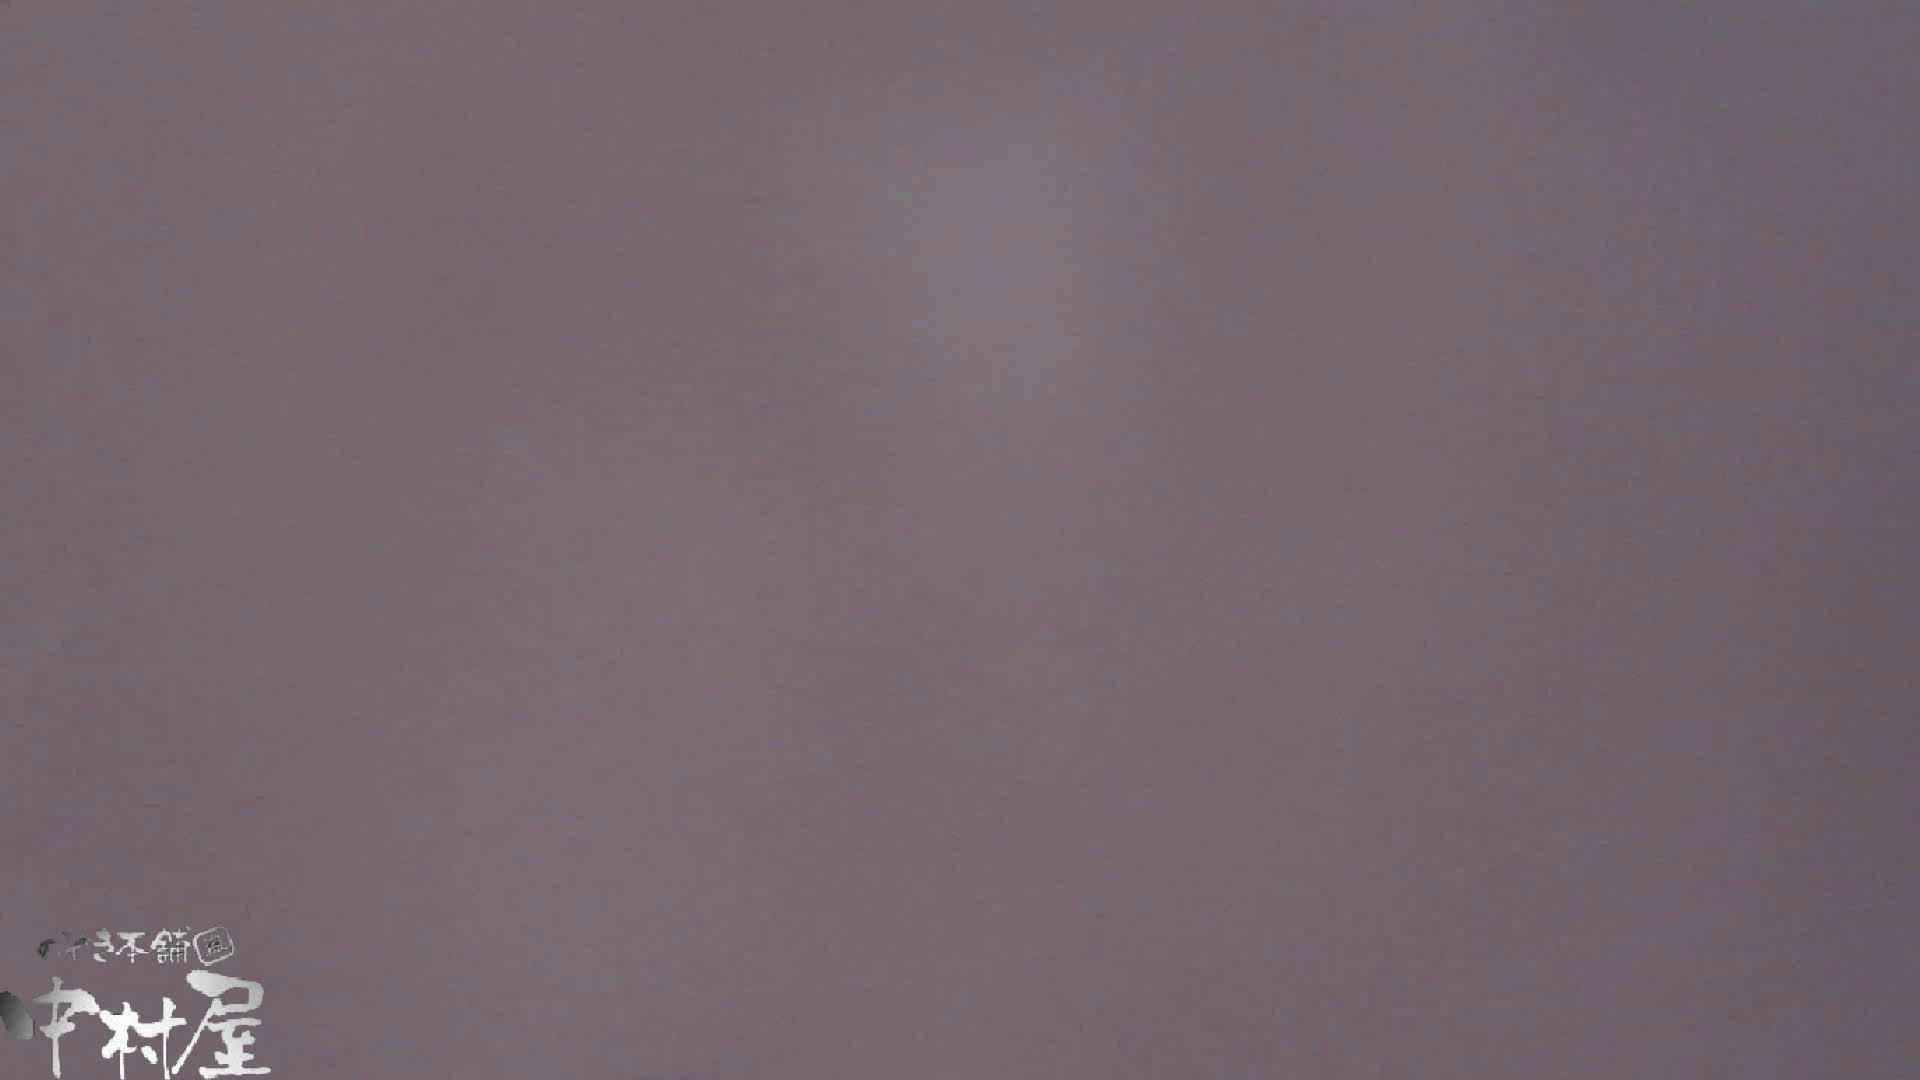 魂のかわや盗撮62連発! 三方向から黄金水噴射! 18発目! 盗撮師作品 | 黄金水  92pic 37